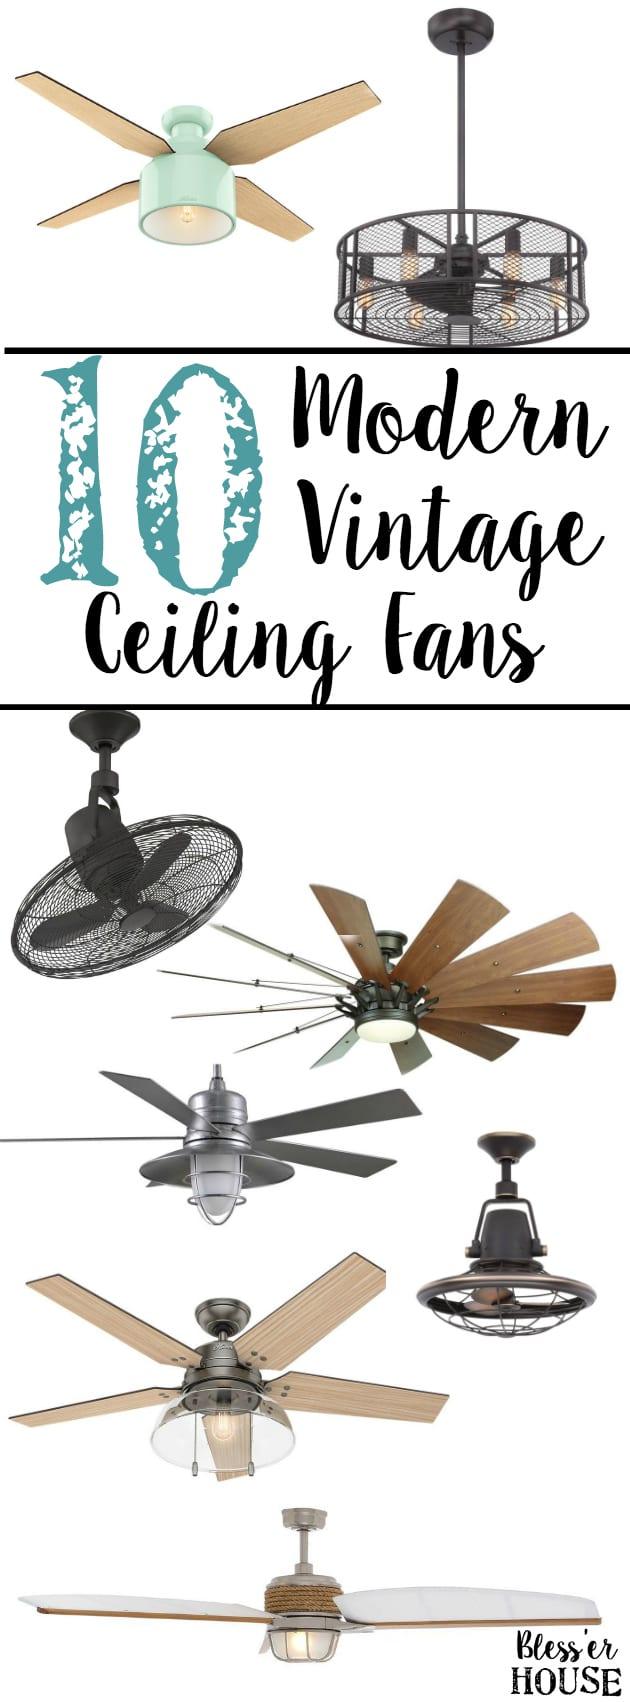 10 Modern Vintage Ceiling Fans